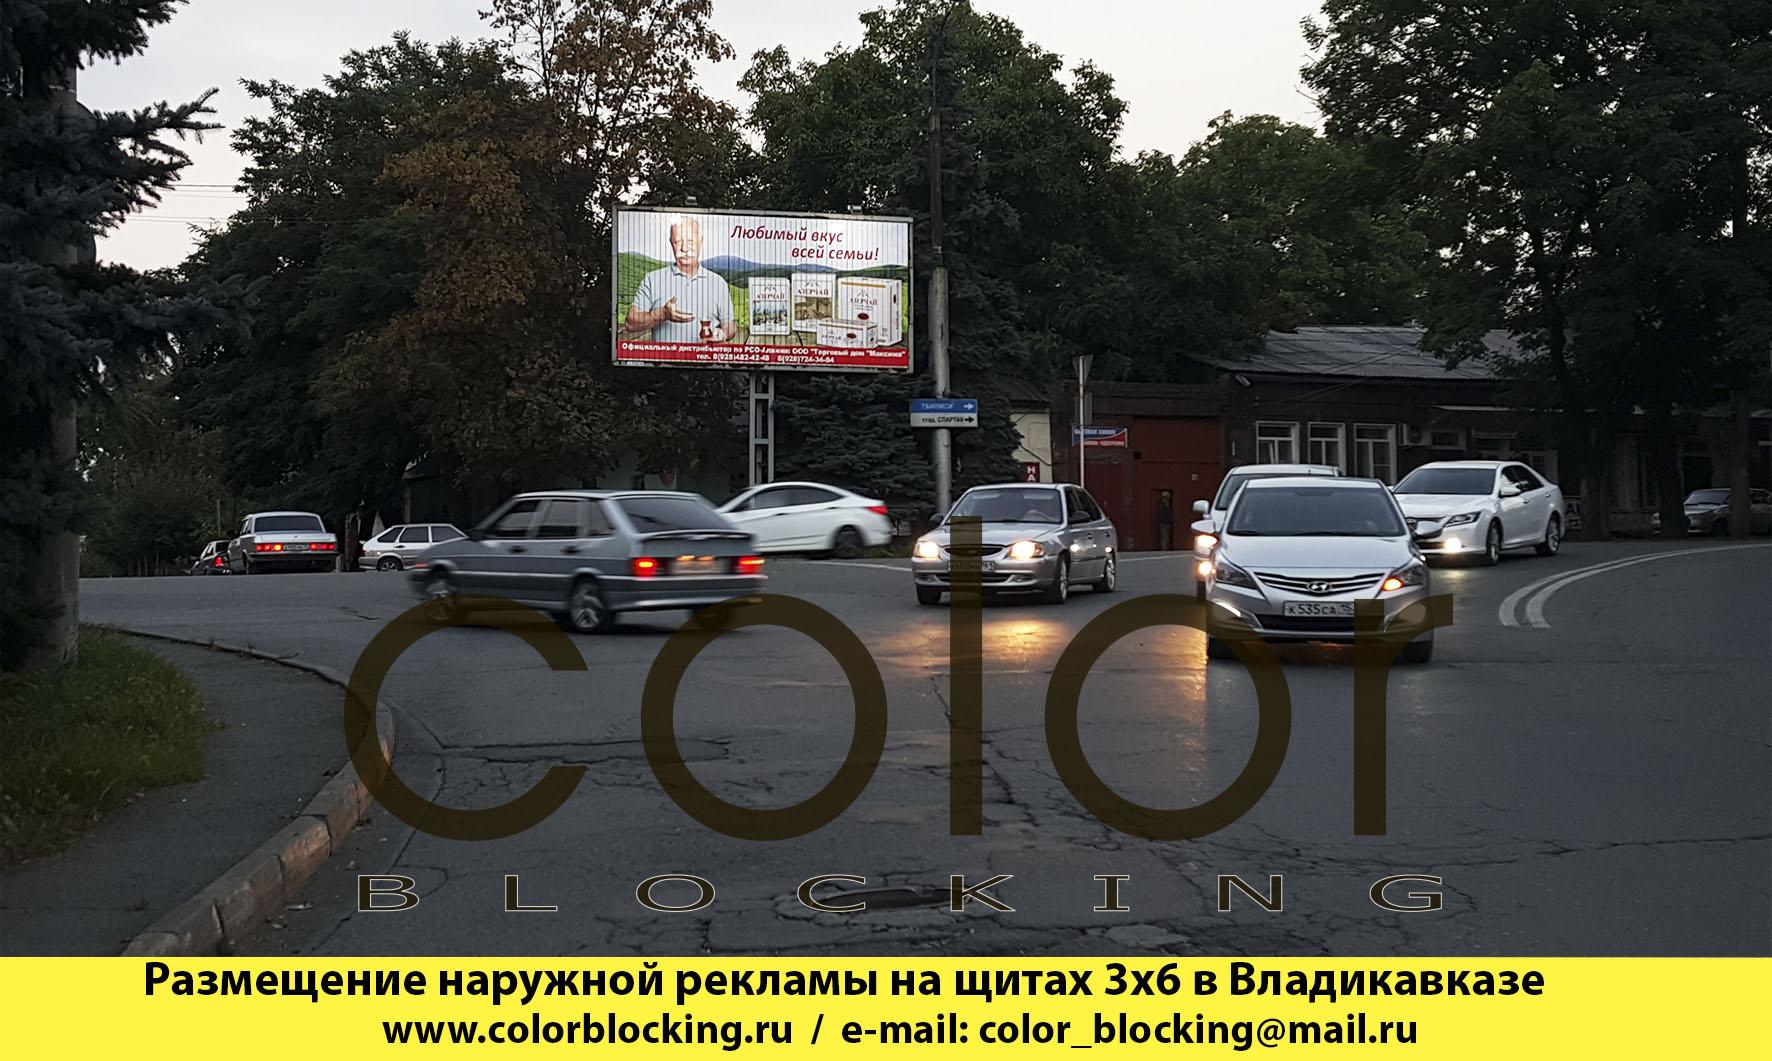 Реклама на щитах 3х6 в Владикавказе заказать